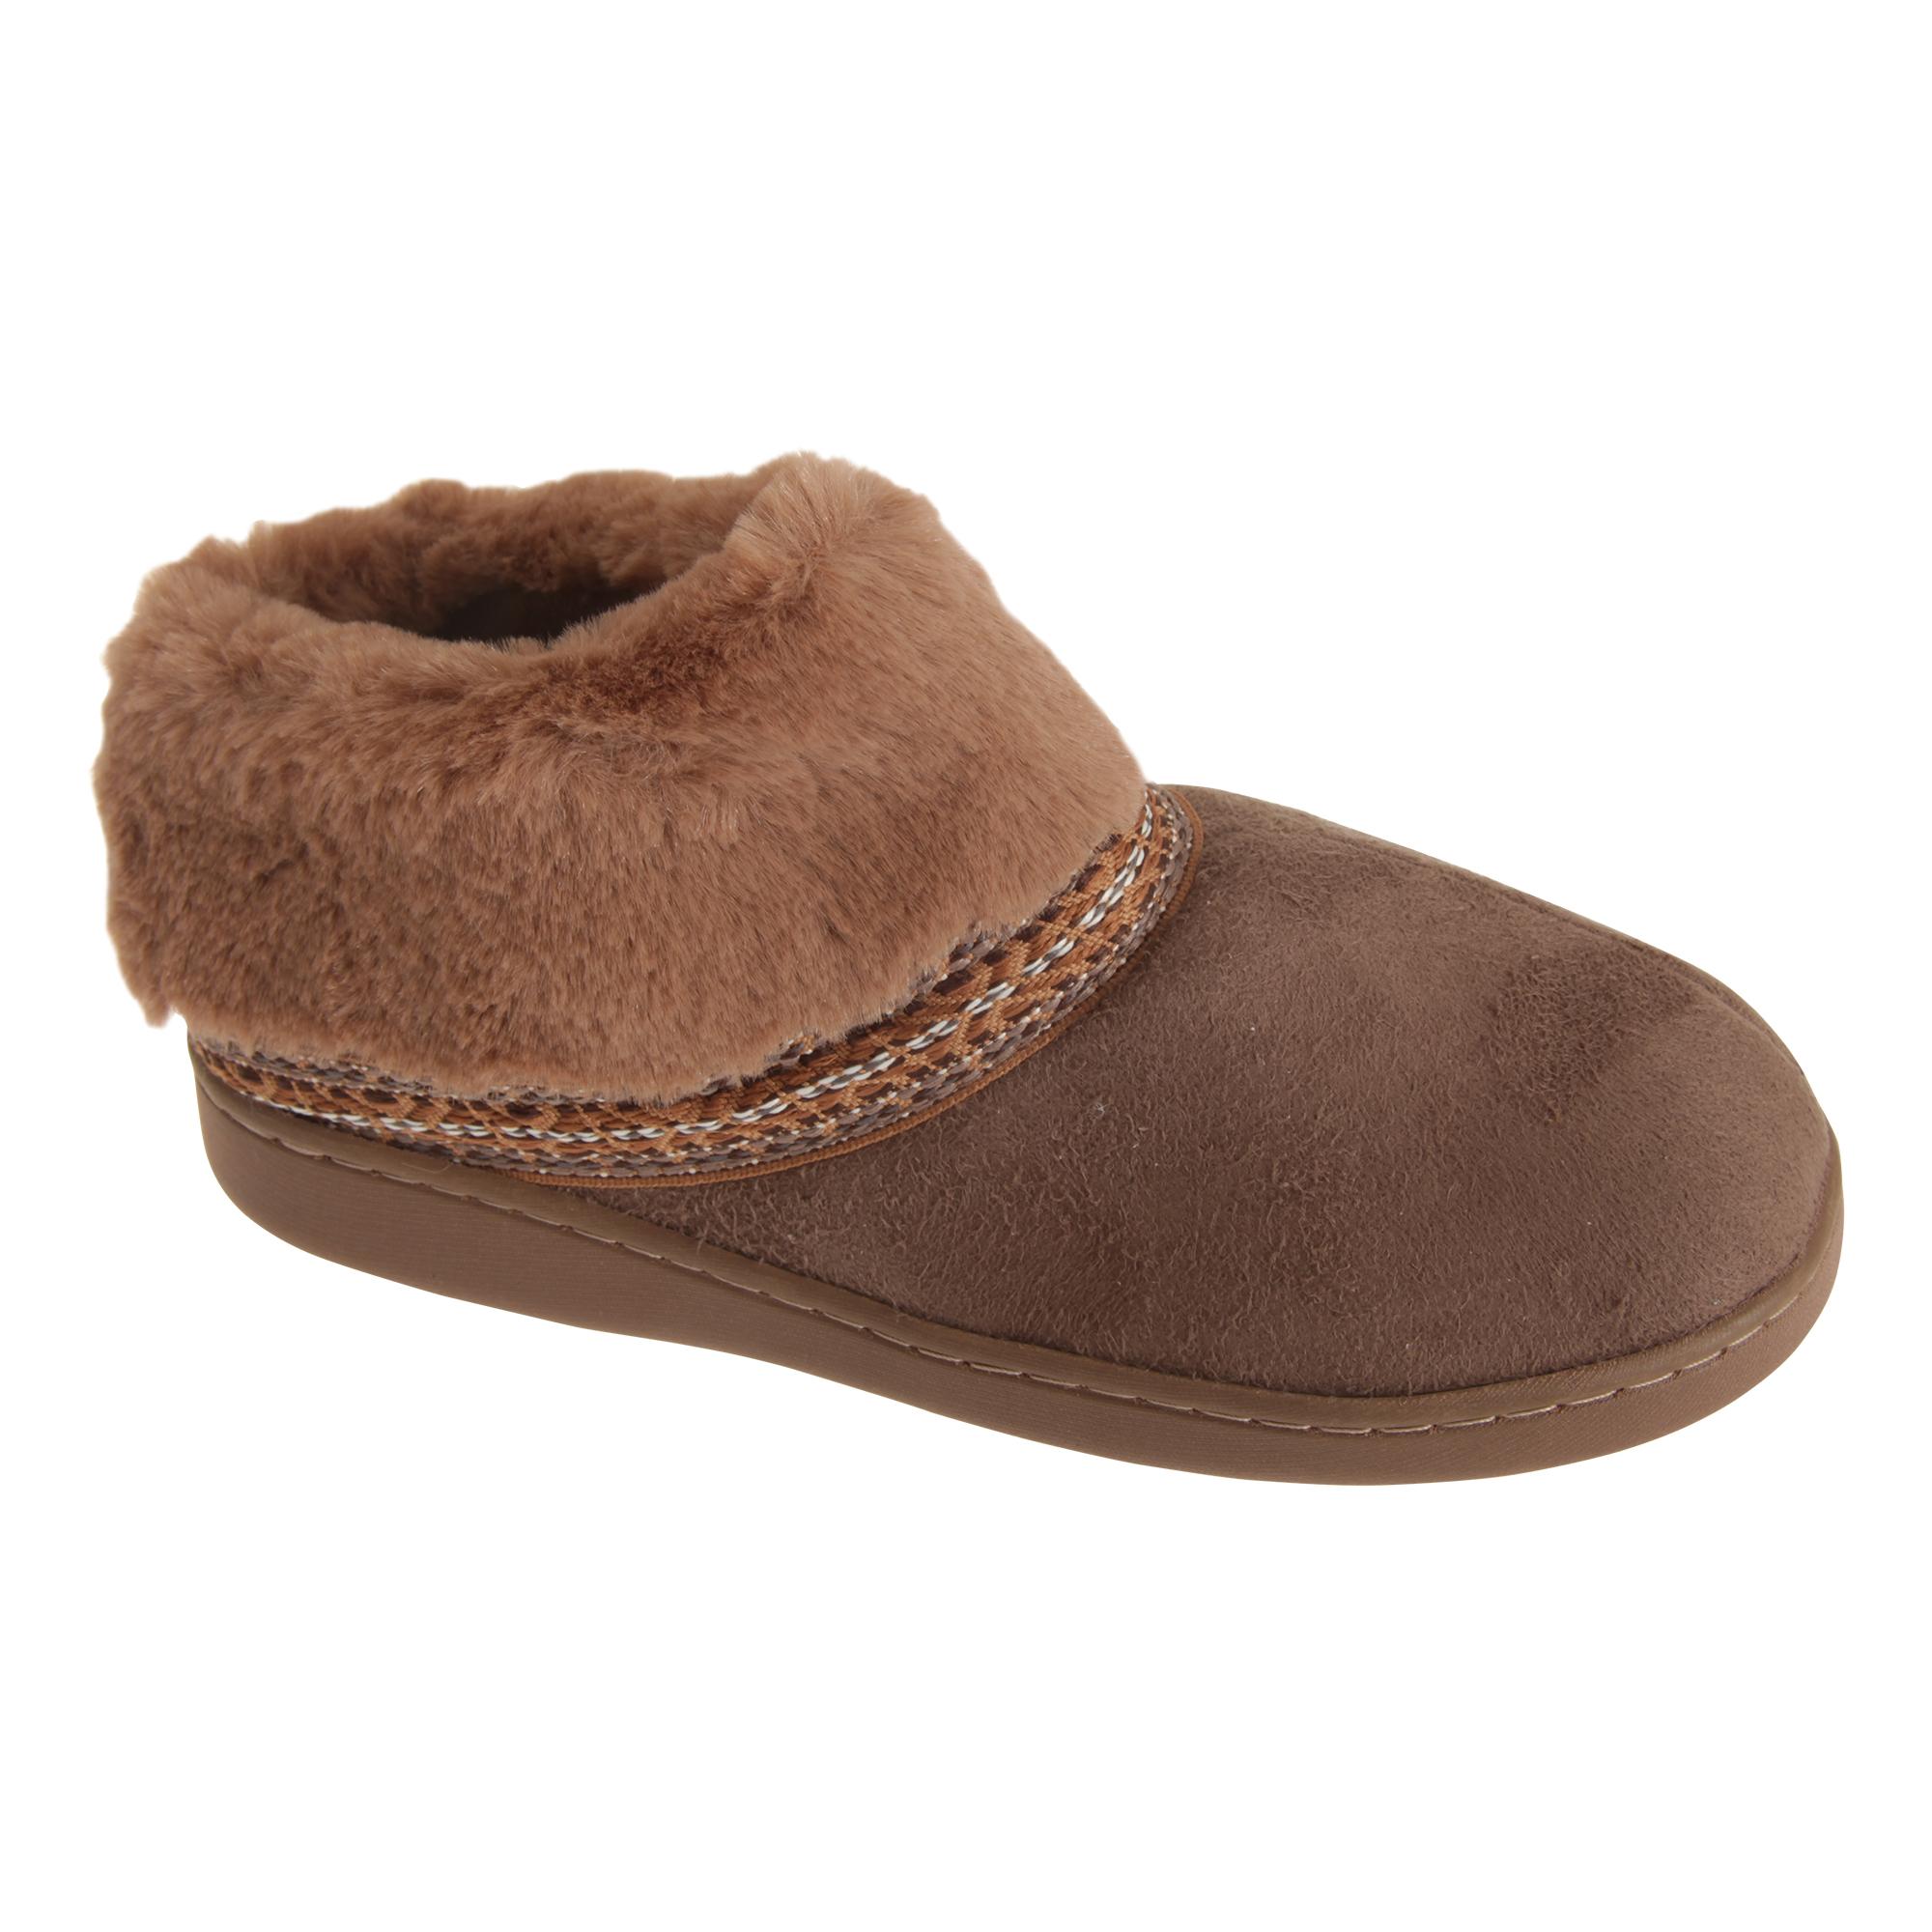 Zapatillas-de-estar-por-casa-modelo-con-vuelta-para-mujer-SL553